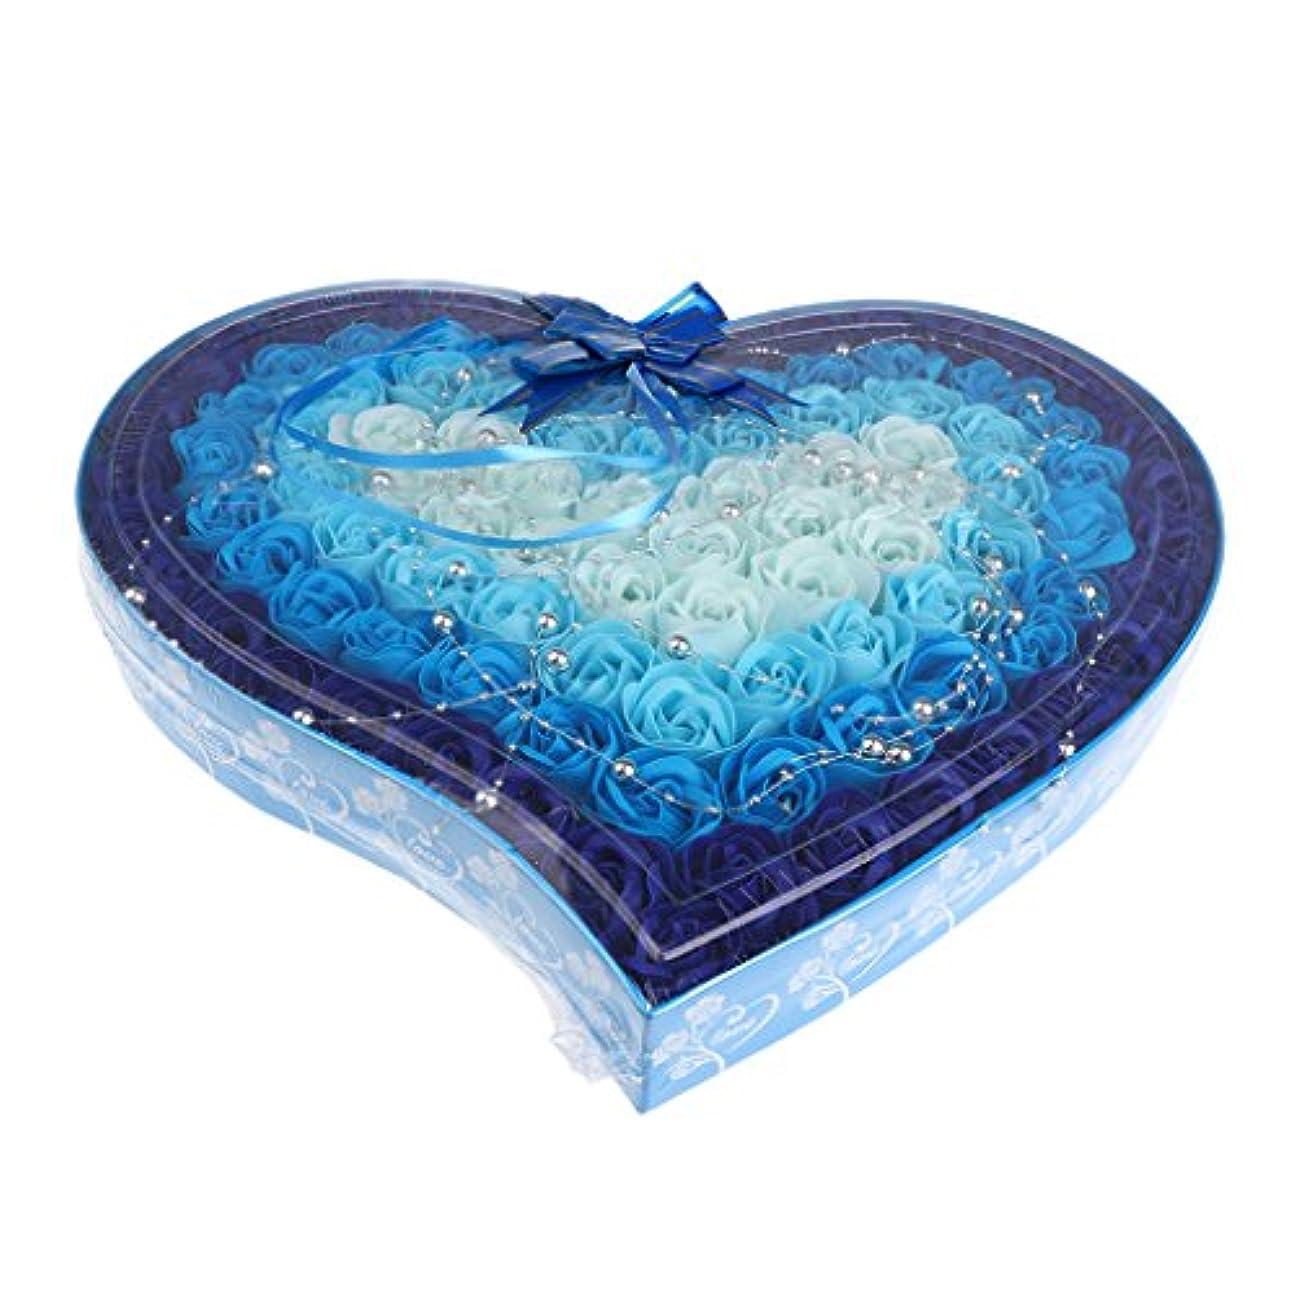 薄汚い痴漢ウルル石鹸の花 母の日 プレゼント 石鹸 お花 枯れないお花 心の形 ギフトボックス 約100個 プレゼント 4色選択可 - 青